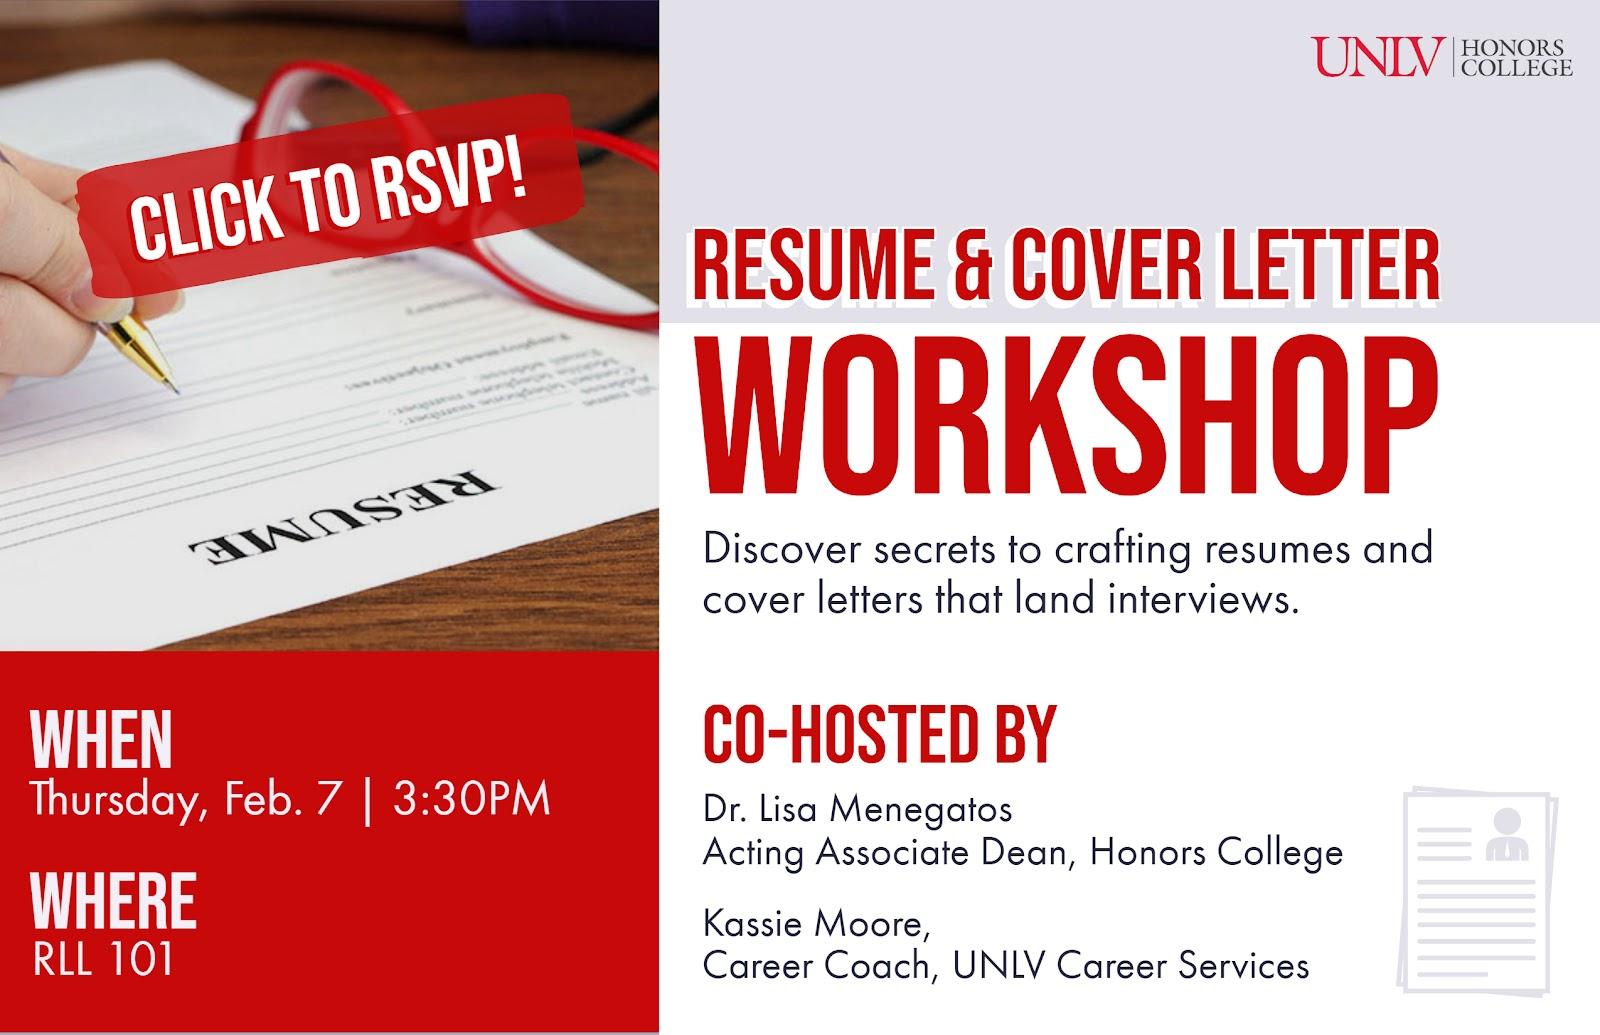 Resume Cover Letter Workshop